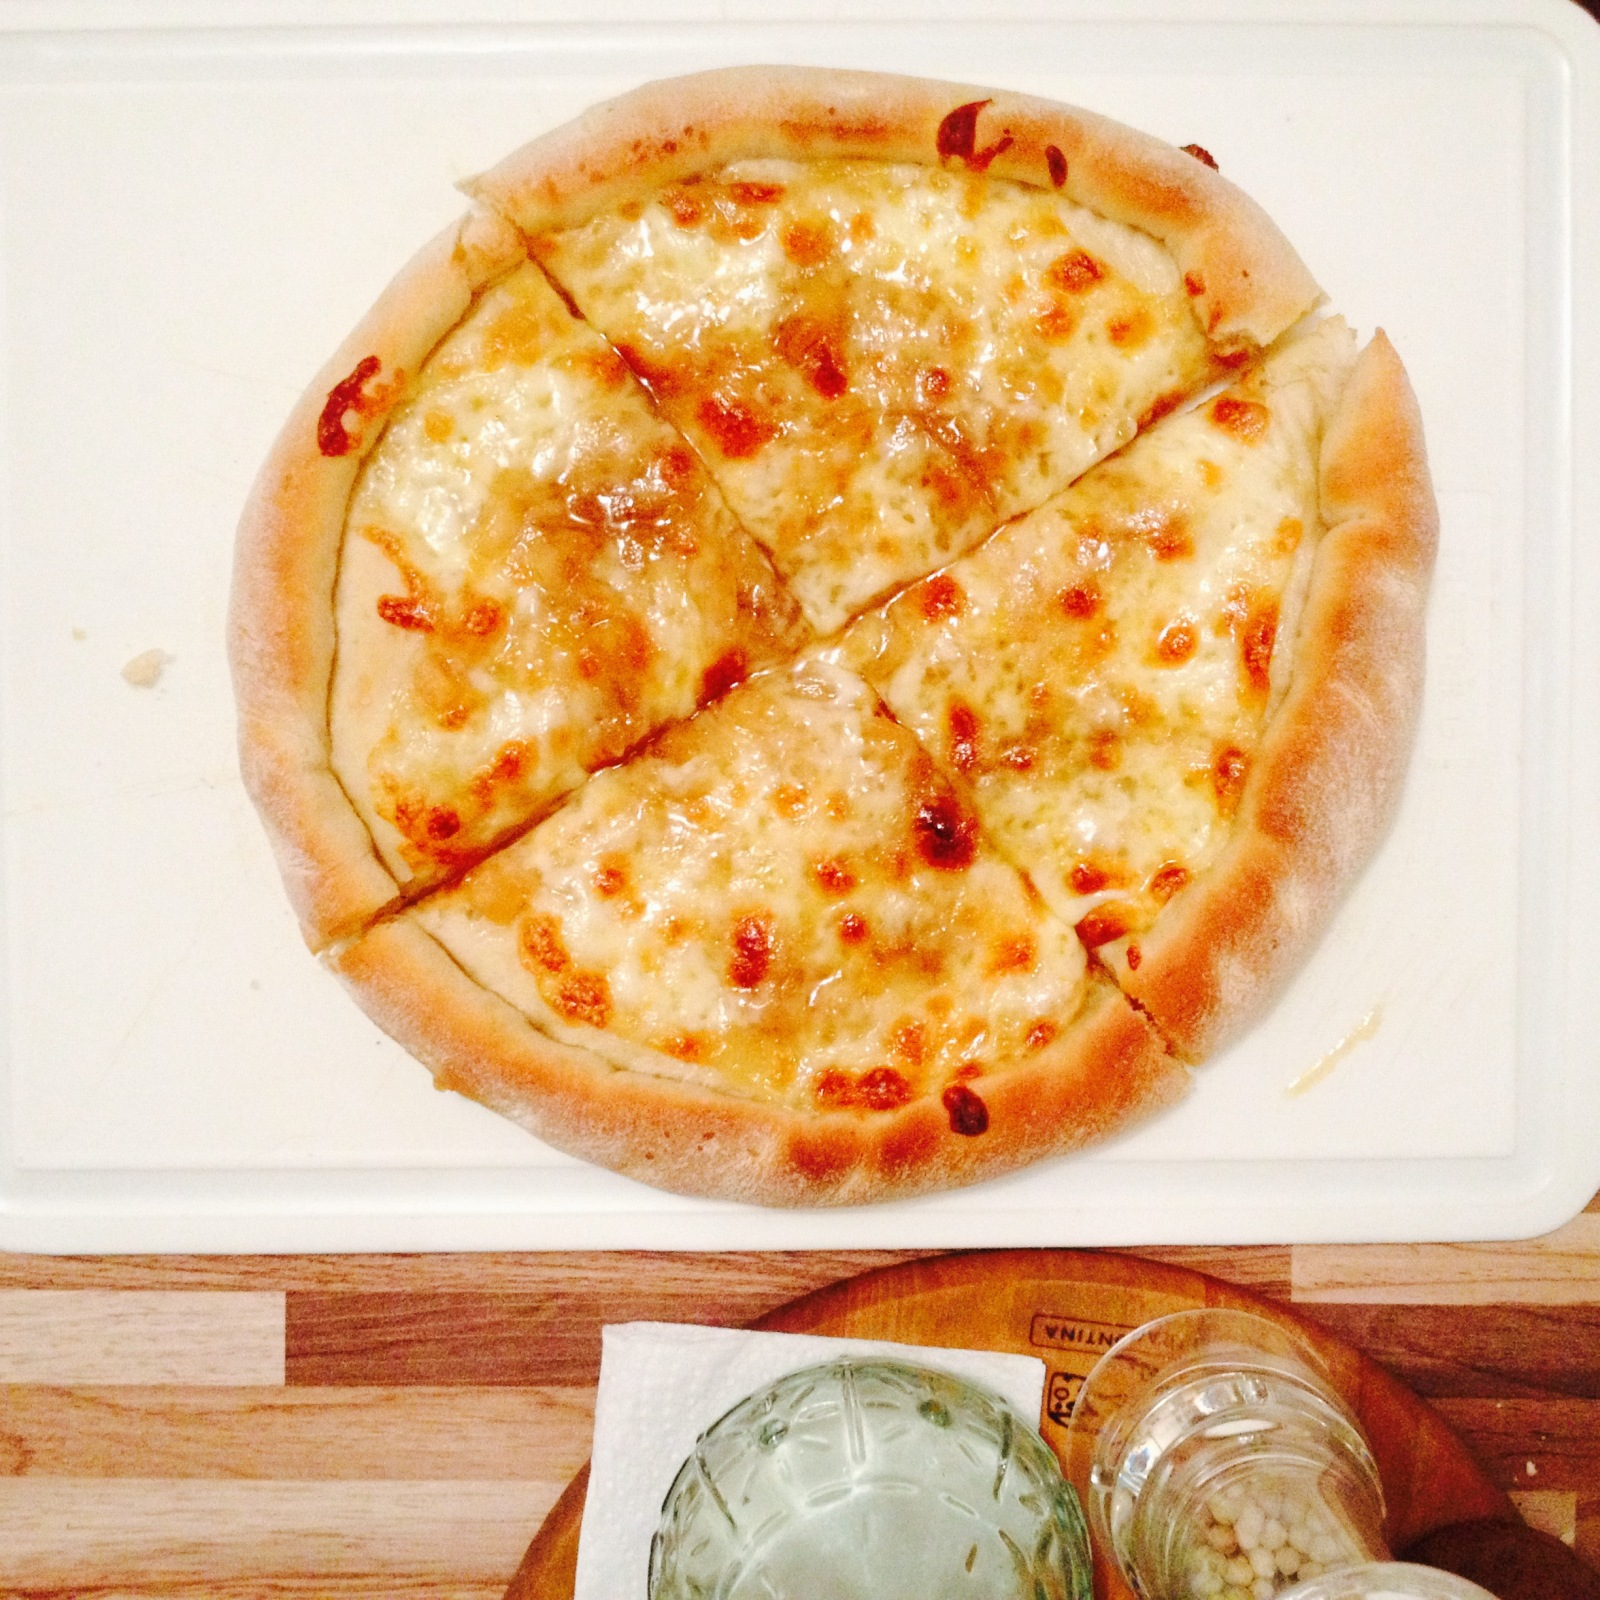 Ajuda com massa de pizza que não cresce Jsh9bm